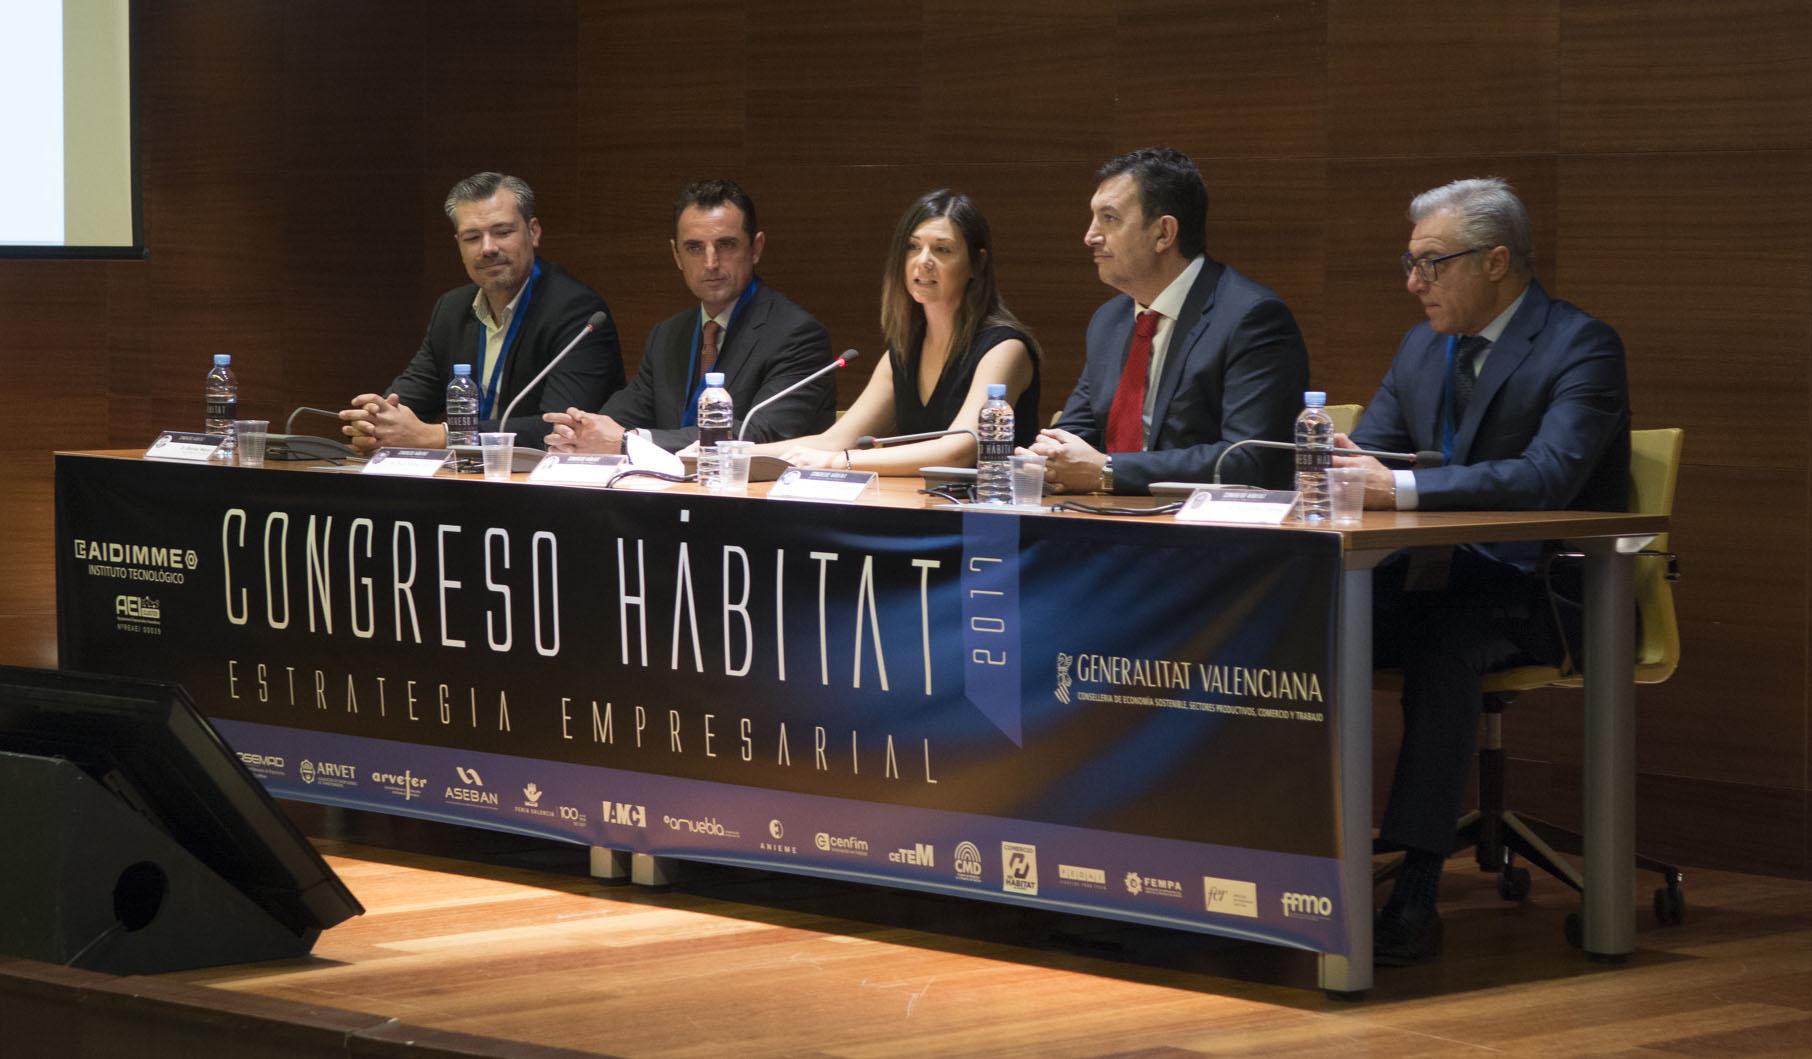 Empresas y especialistas coinciden en la necesidad de crear alianzas intersectoriales la industria del hábitat